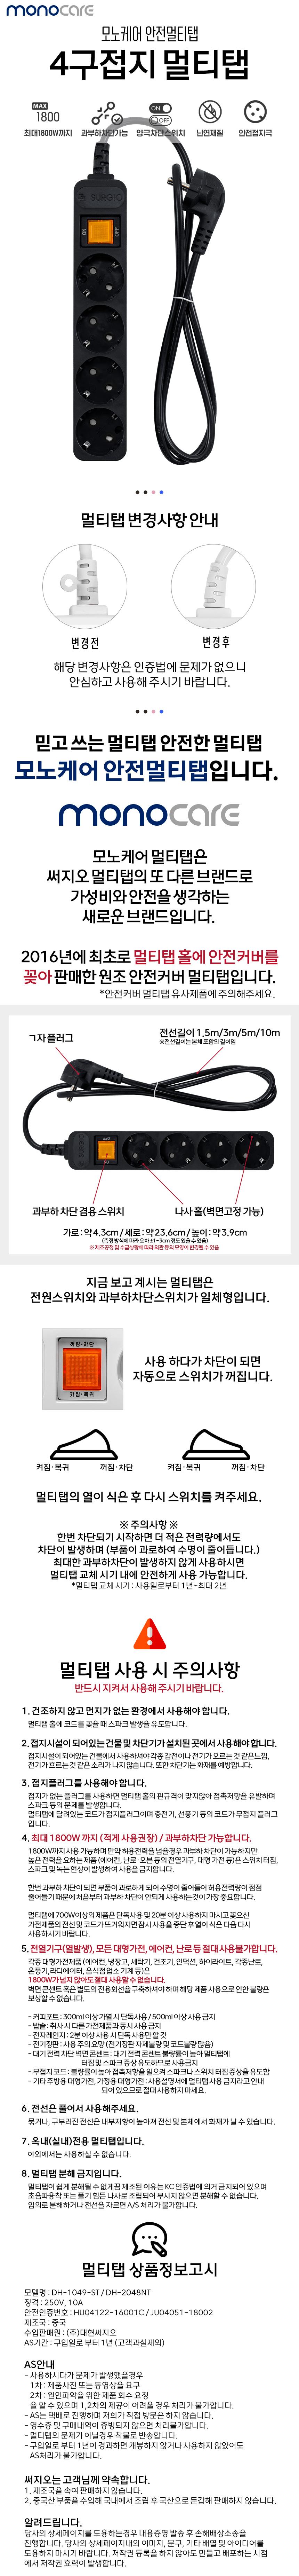 대현써지오 대현써지오 모노케어 4구 10A 메인 스위치 멀티탭 블랙 (5m)